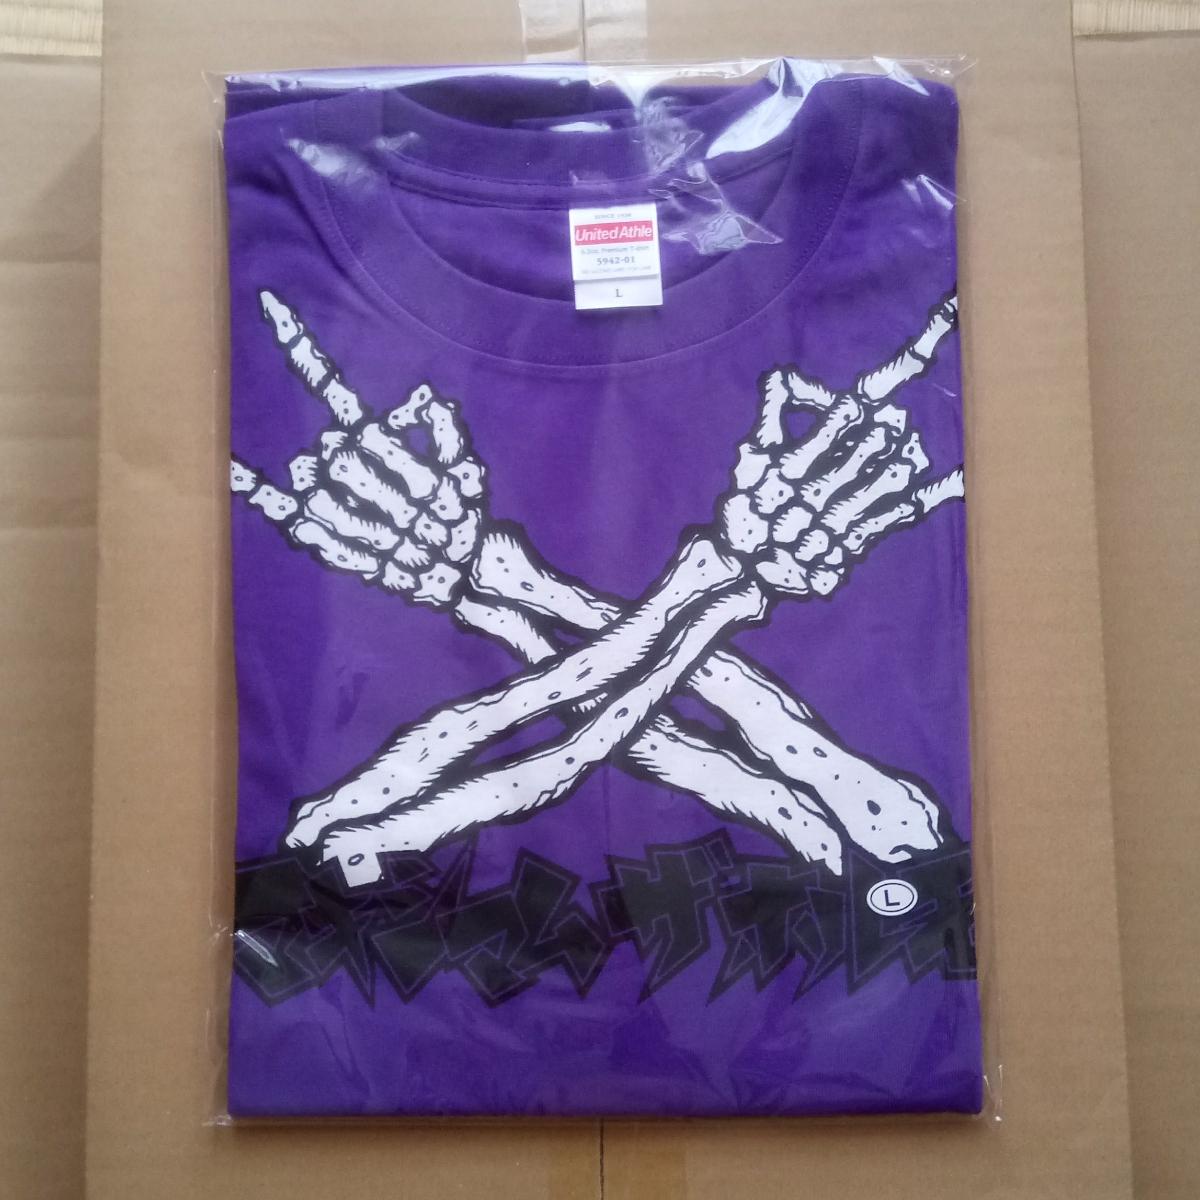 【新品】マキシマムザホルモン メタルポーズTシャツ サイズL ももクロ紫 パープル れにちゃん 高城れに 氣志團万博 フェスへどうぞ ライブグッズの画像